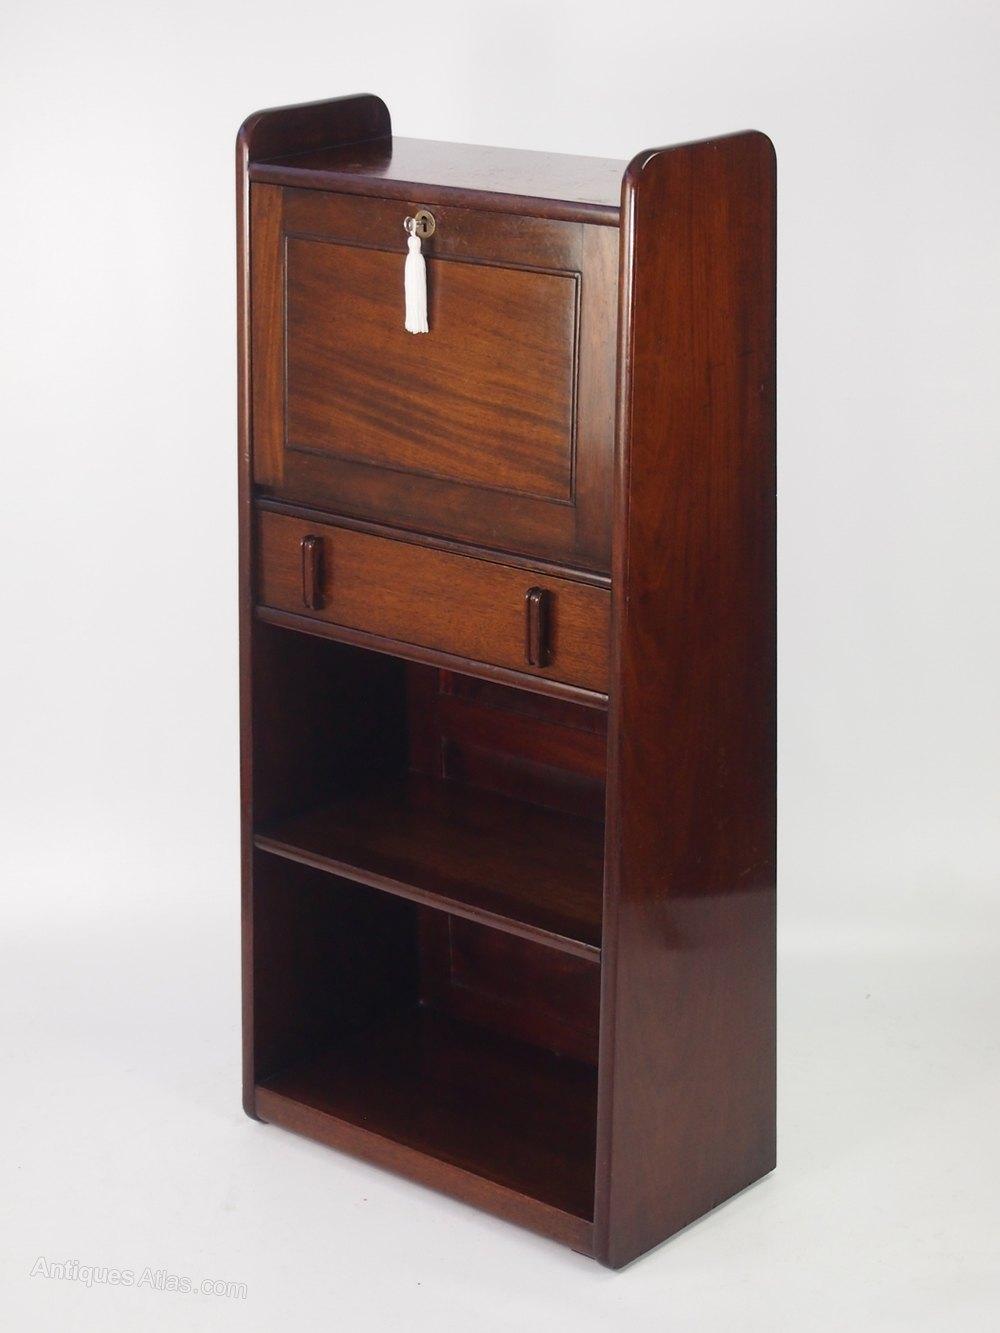 slim art deco mahogany bureau antiques atlas. Black Bedroom Furniture Sets. Home Design Ideas